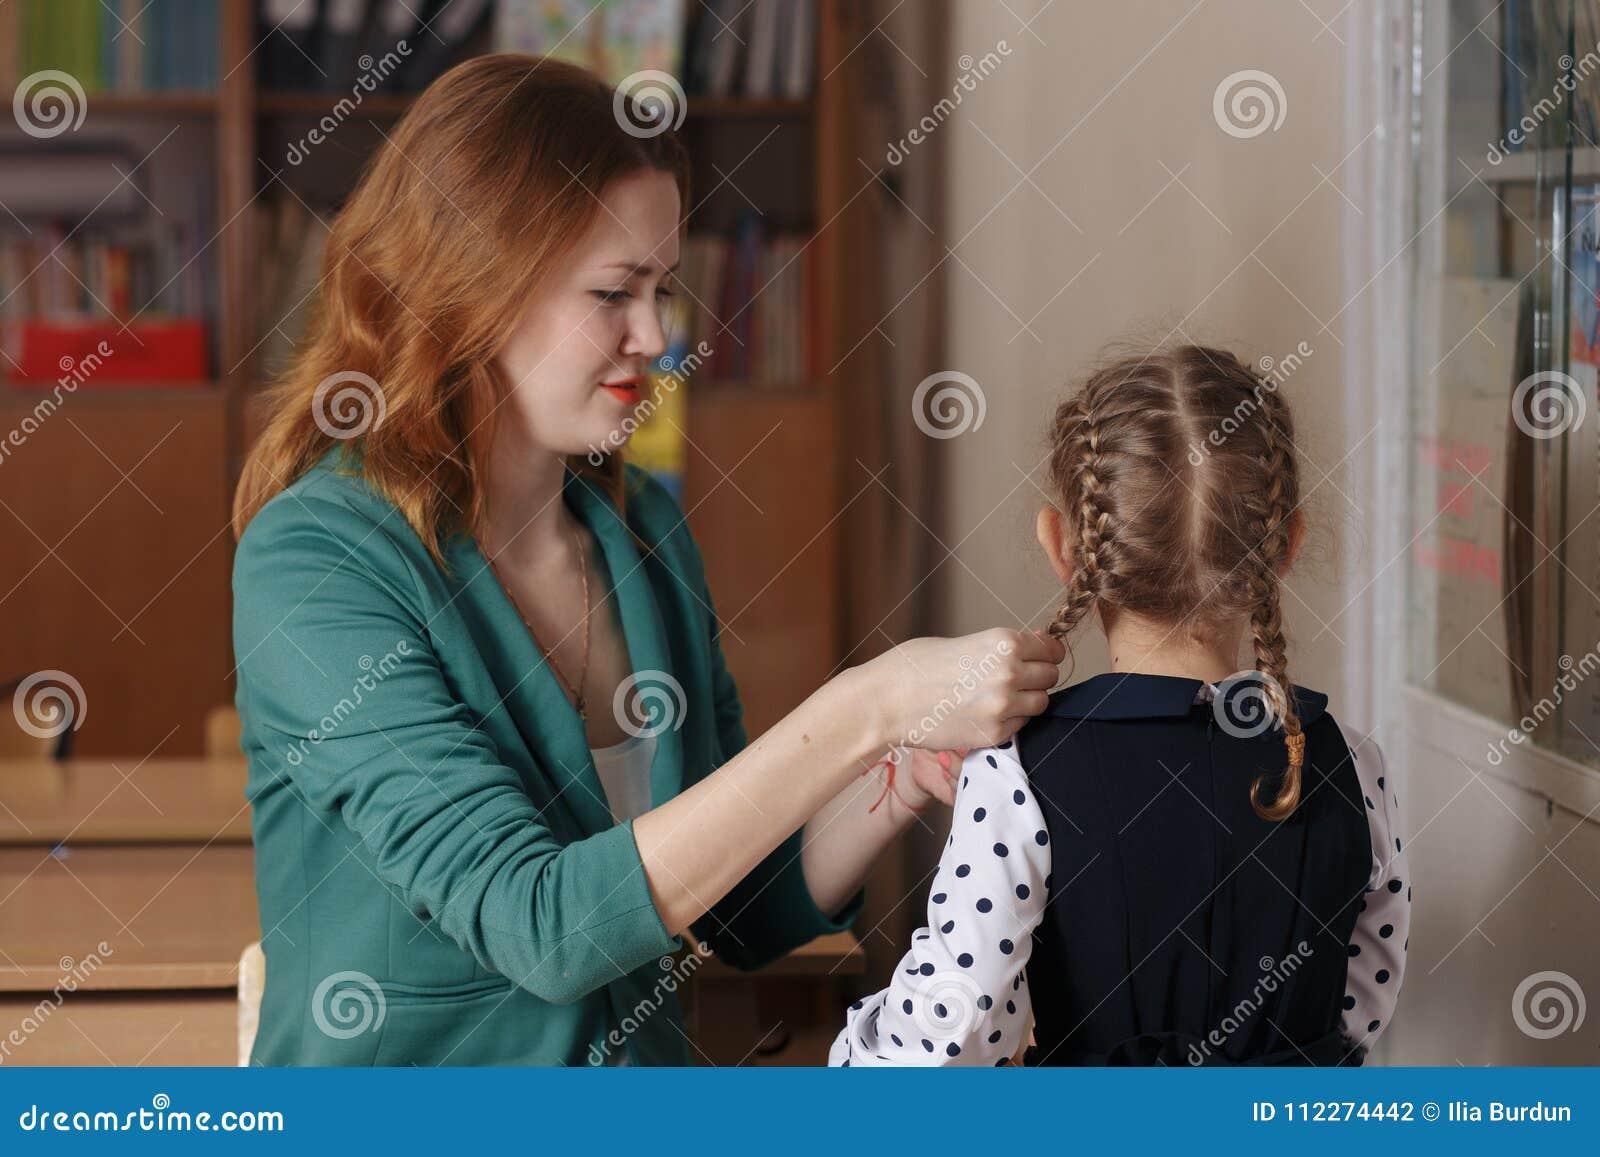 美丽的在家学习女孩和她的年轻的母亲一起读书或